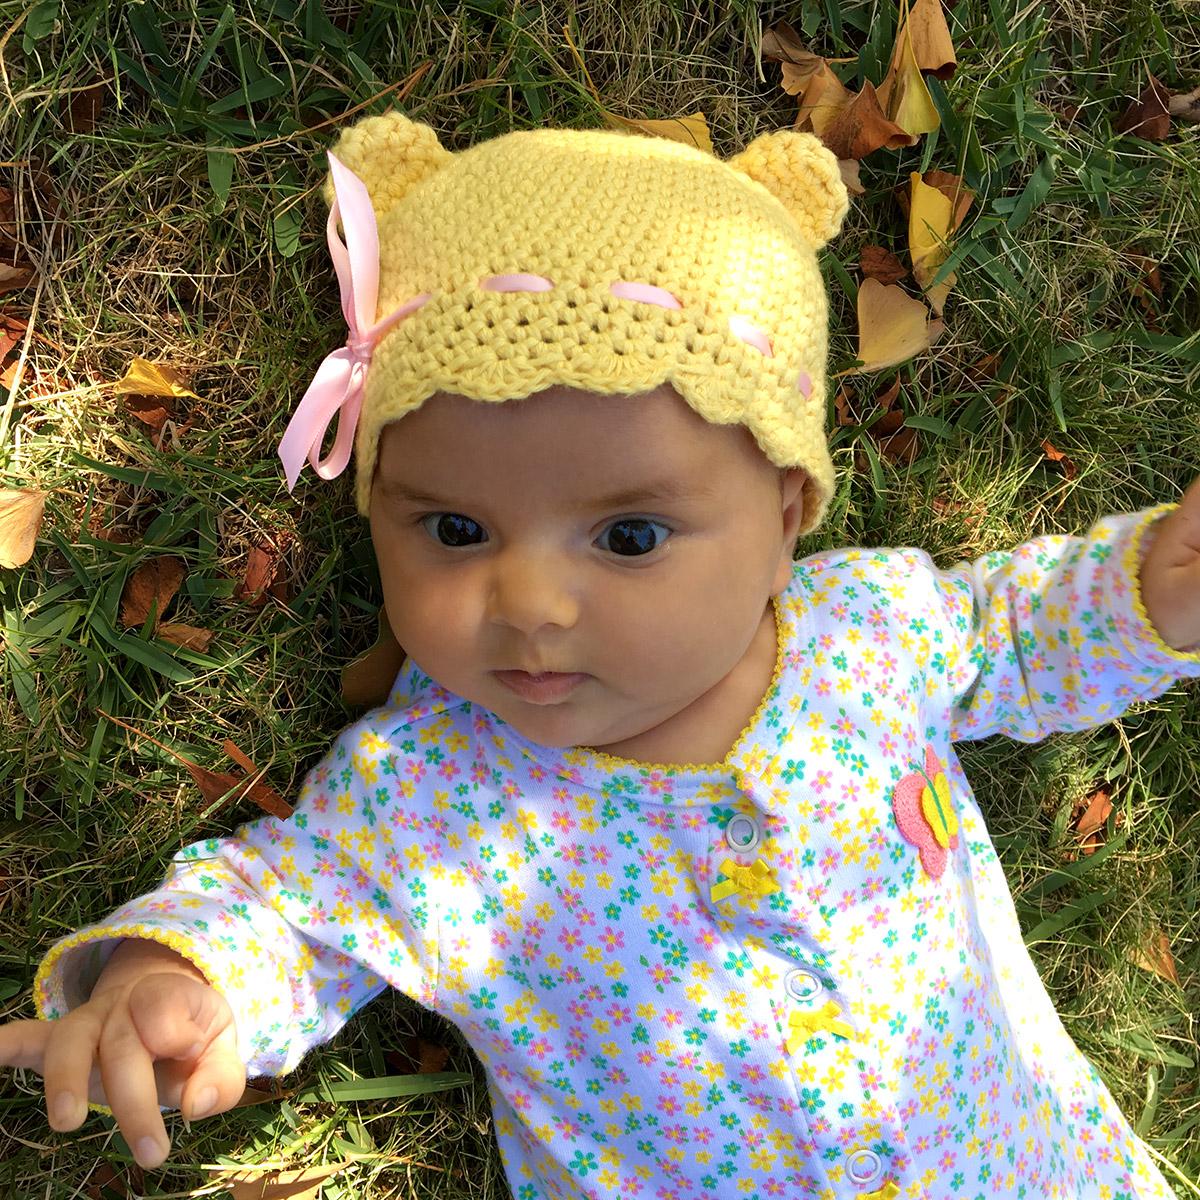 Cute crochet baby hat with ears